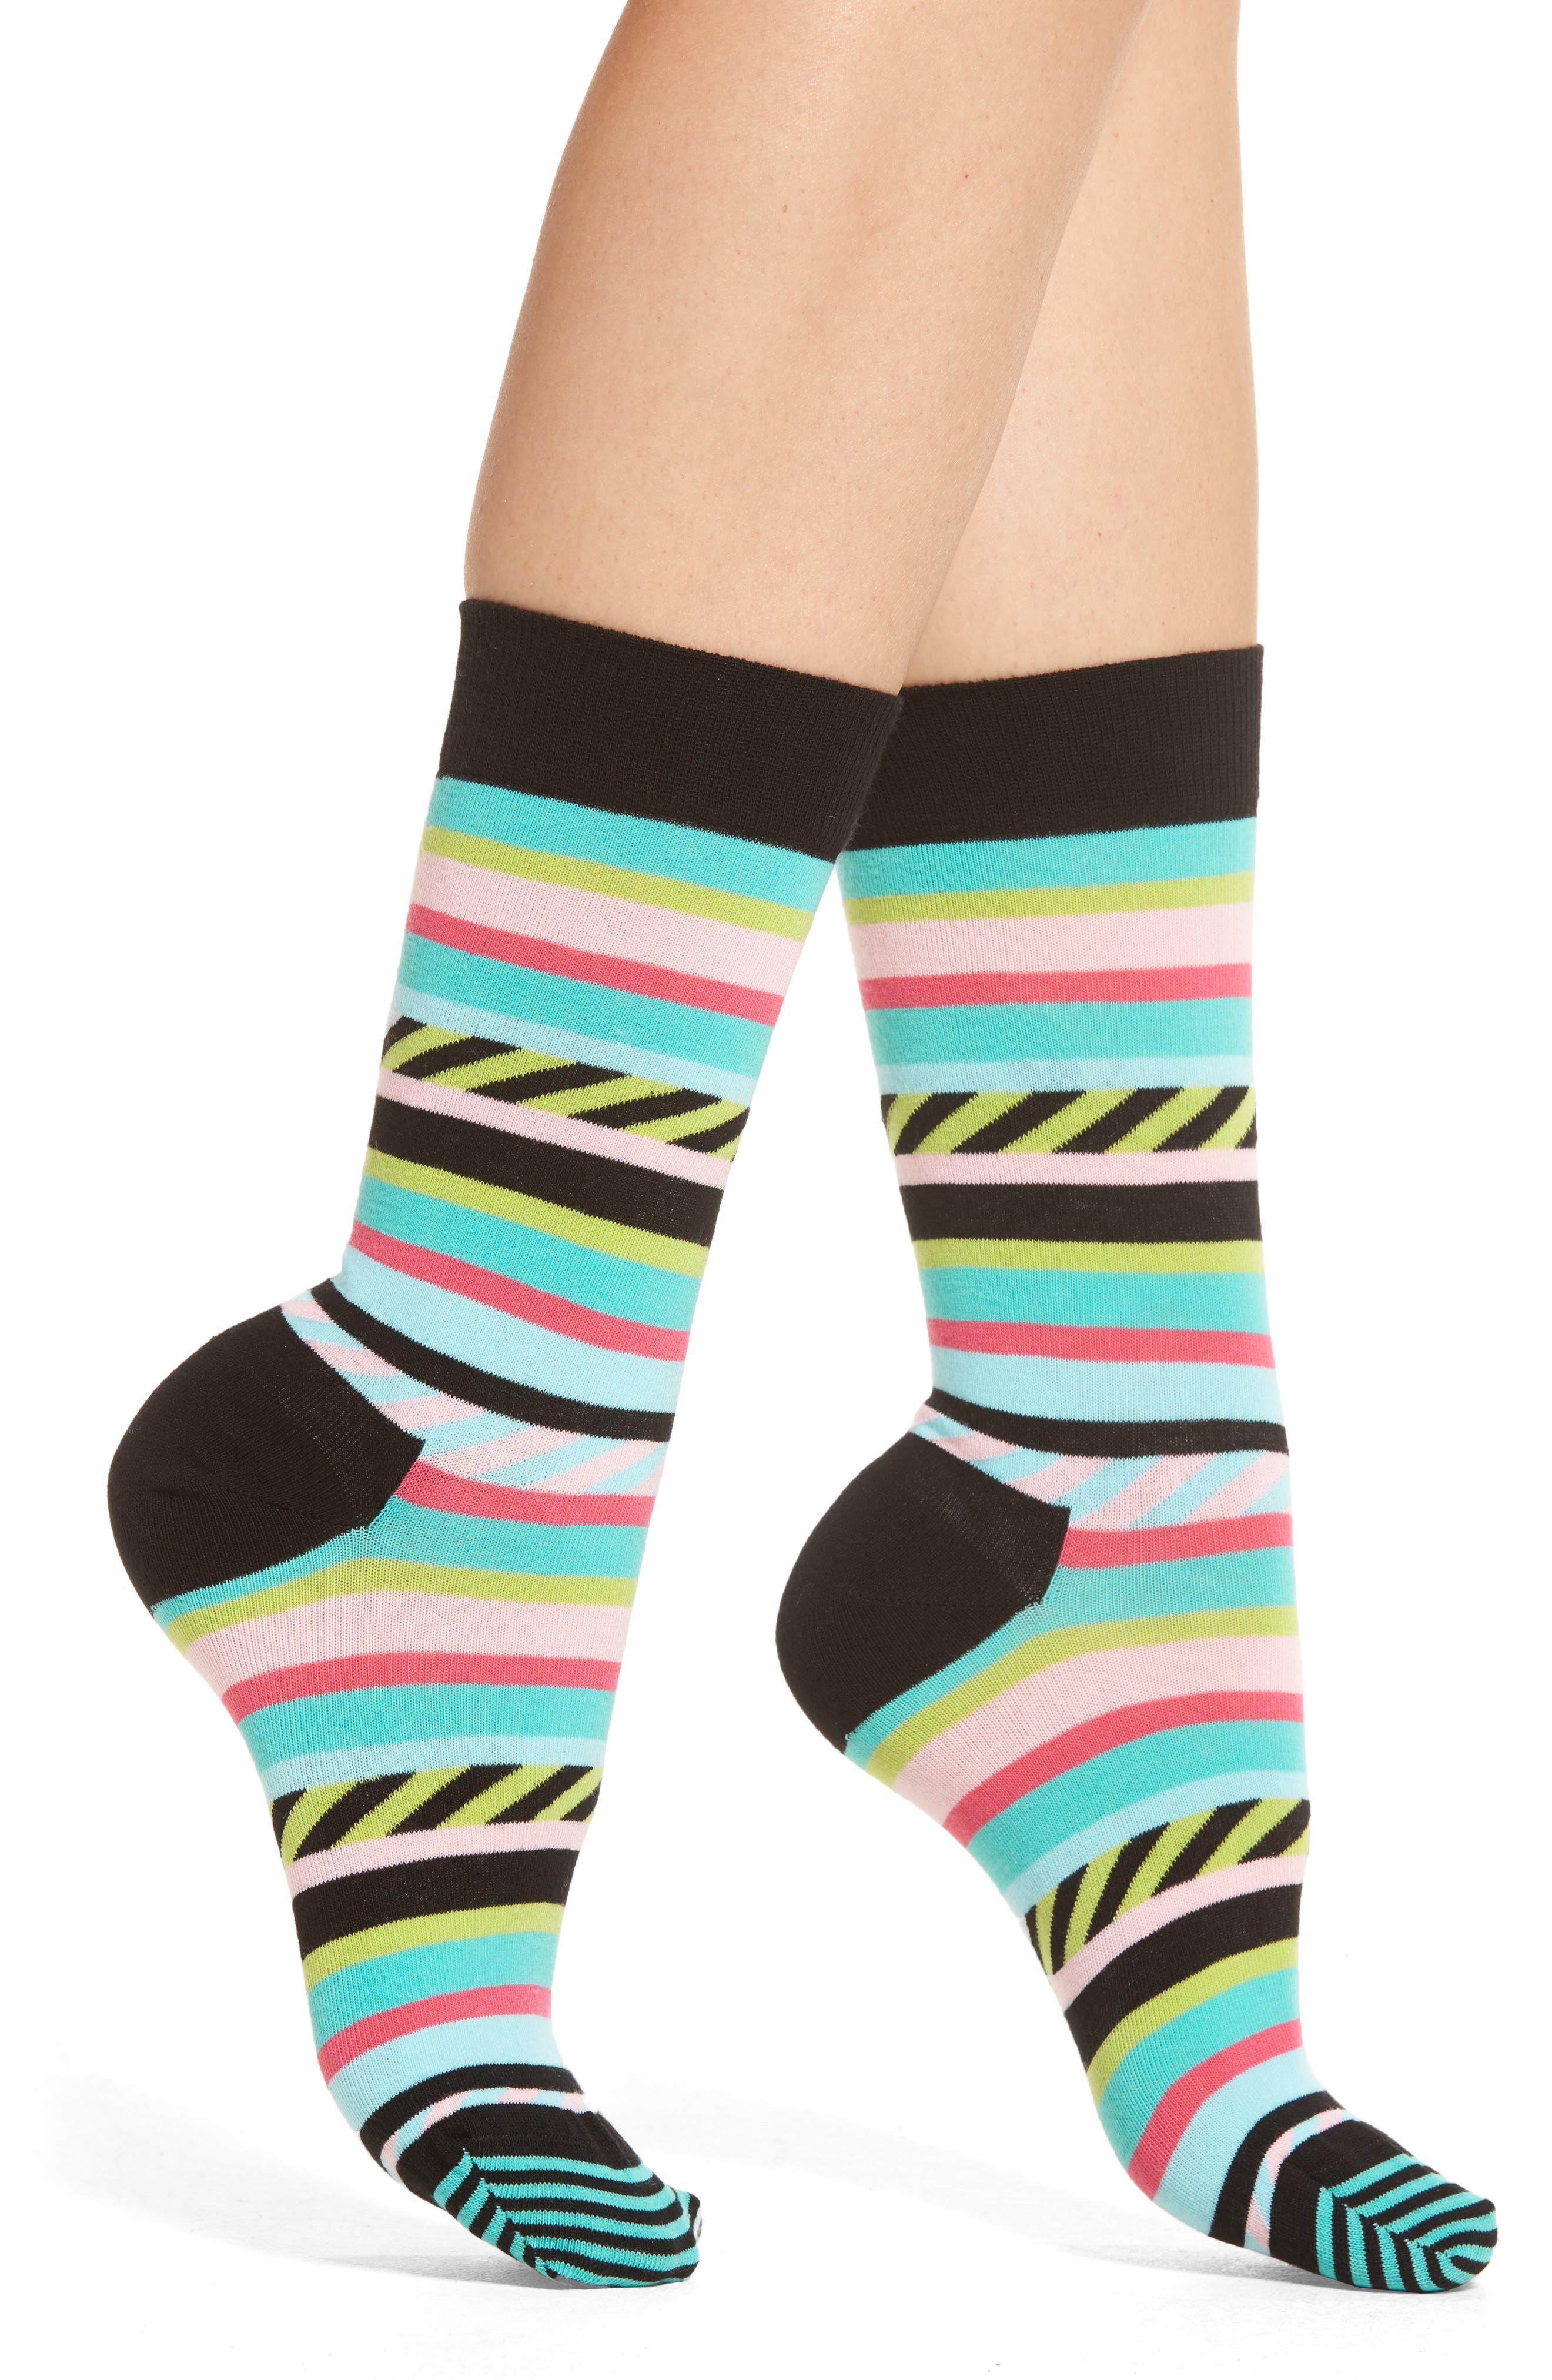 Main Image - Happy Socks Stripes & Stripes Crew Socks (3 for $24.00)